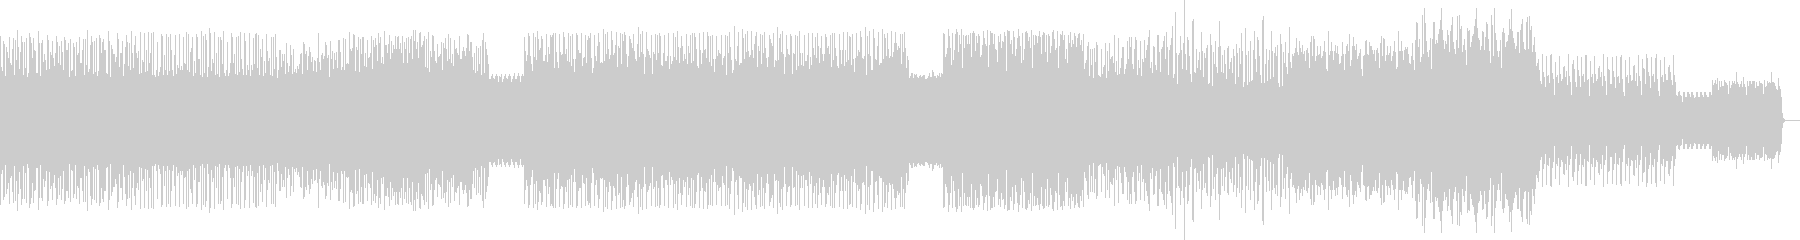 アップテンポクラブ音楽マスタリングverの未再生の波形